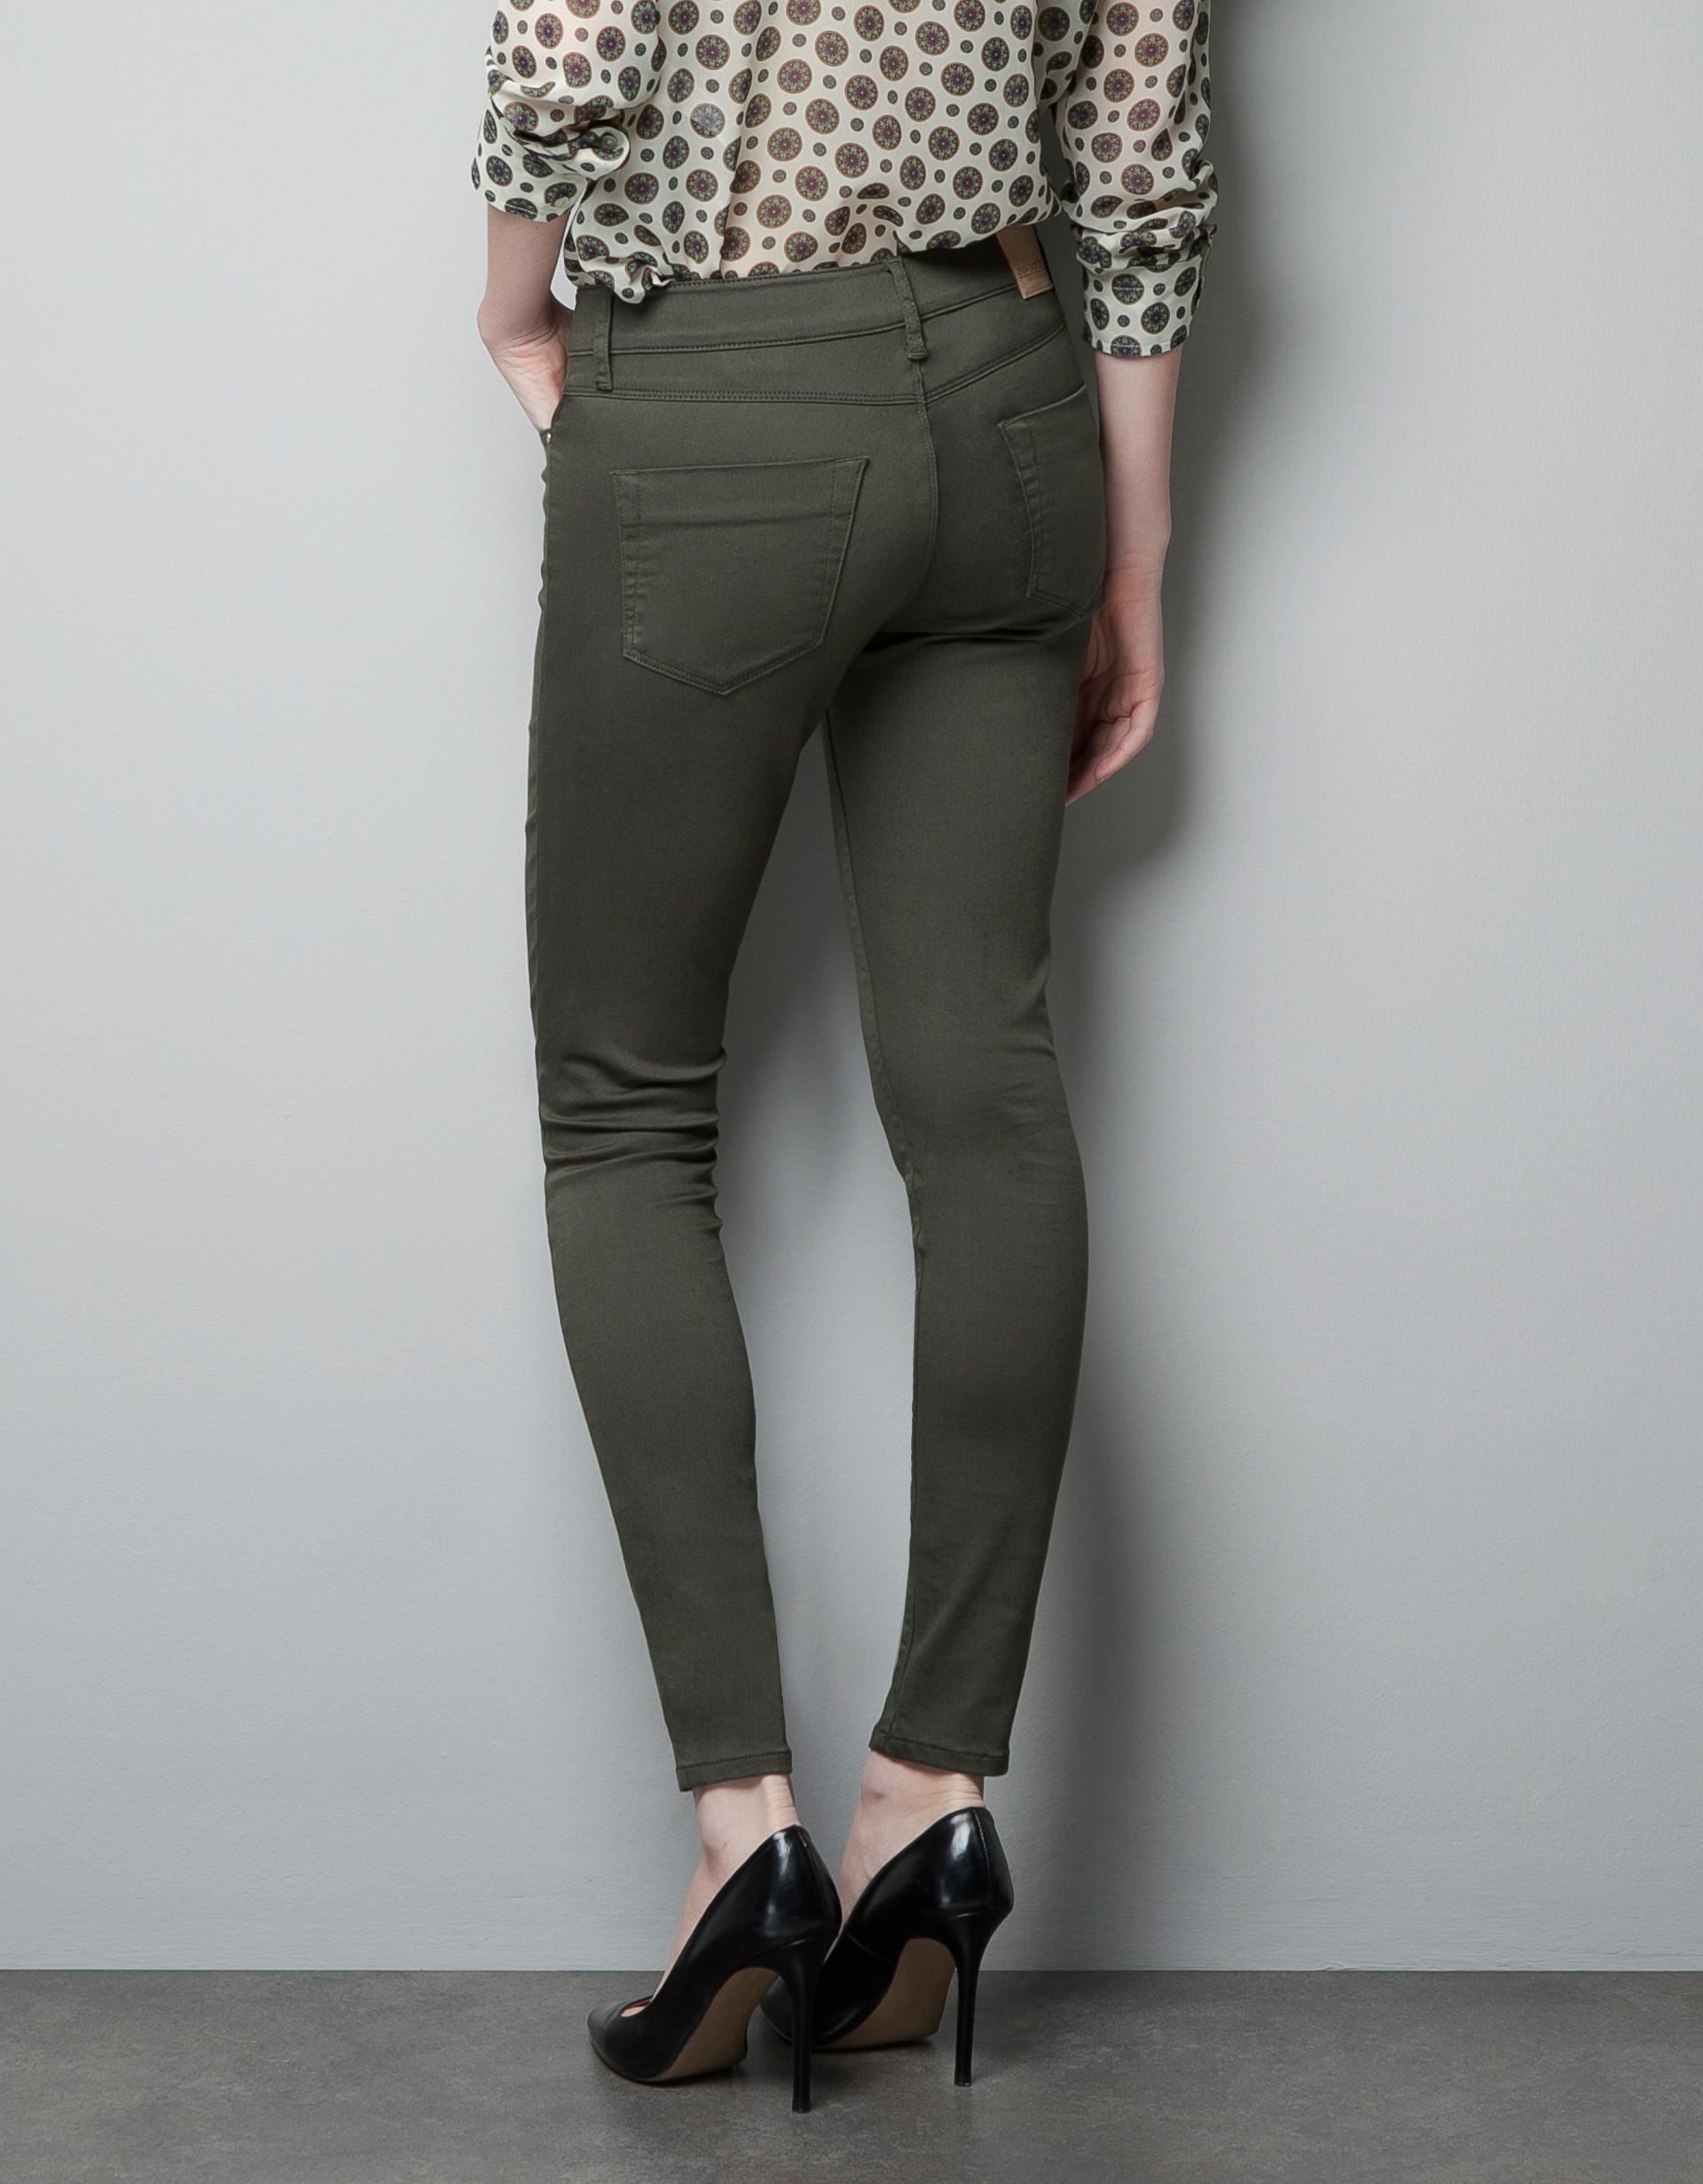 dark khaki pants for women - Pi Pants